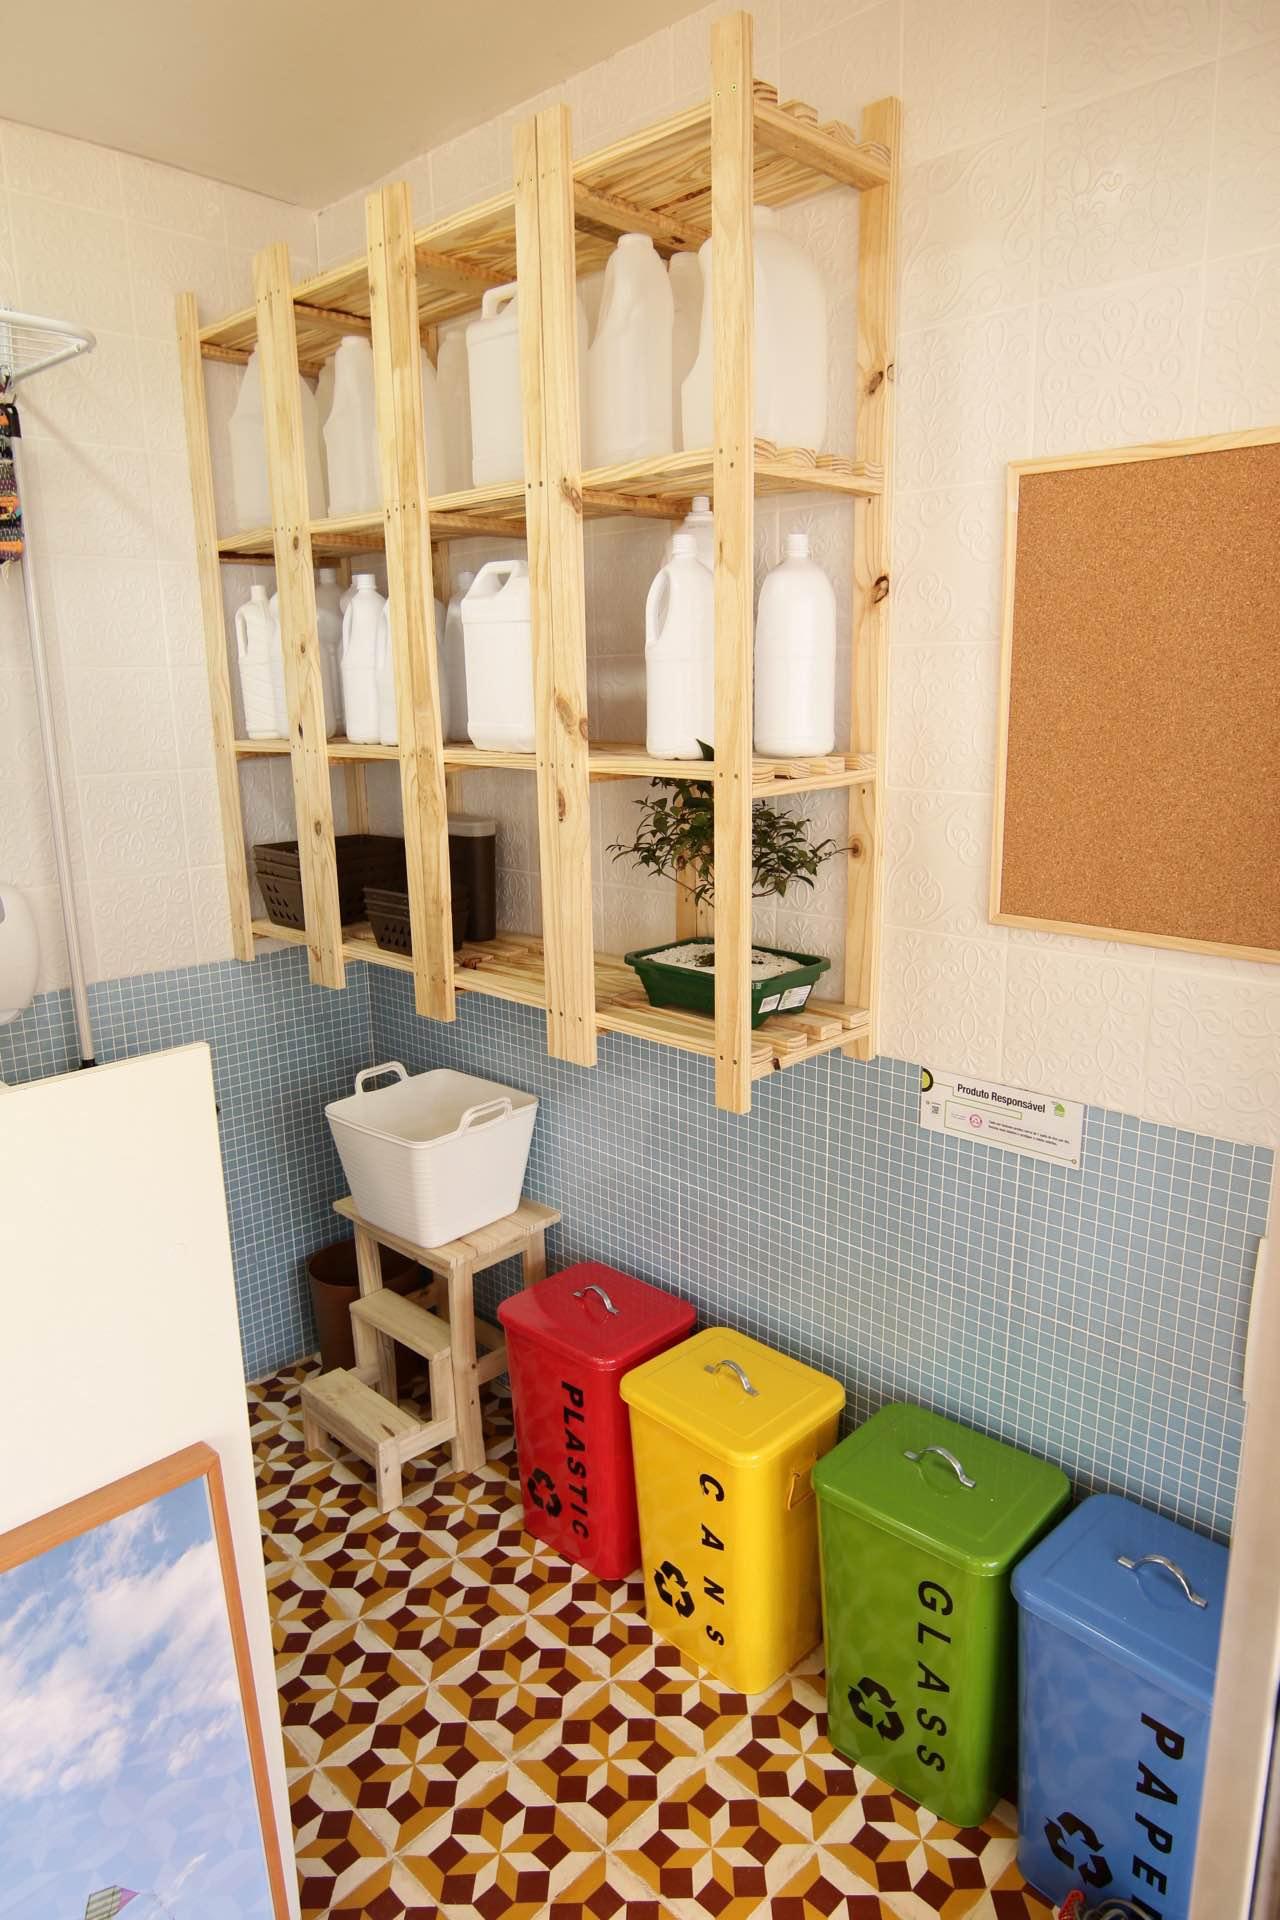 Casa Viva Leroy Merlin: área de serviço inspirado em Minas Gerais